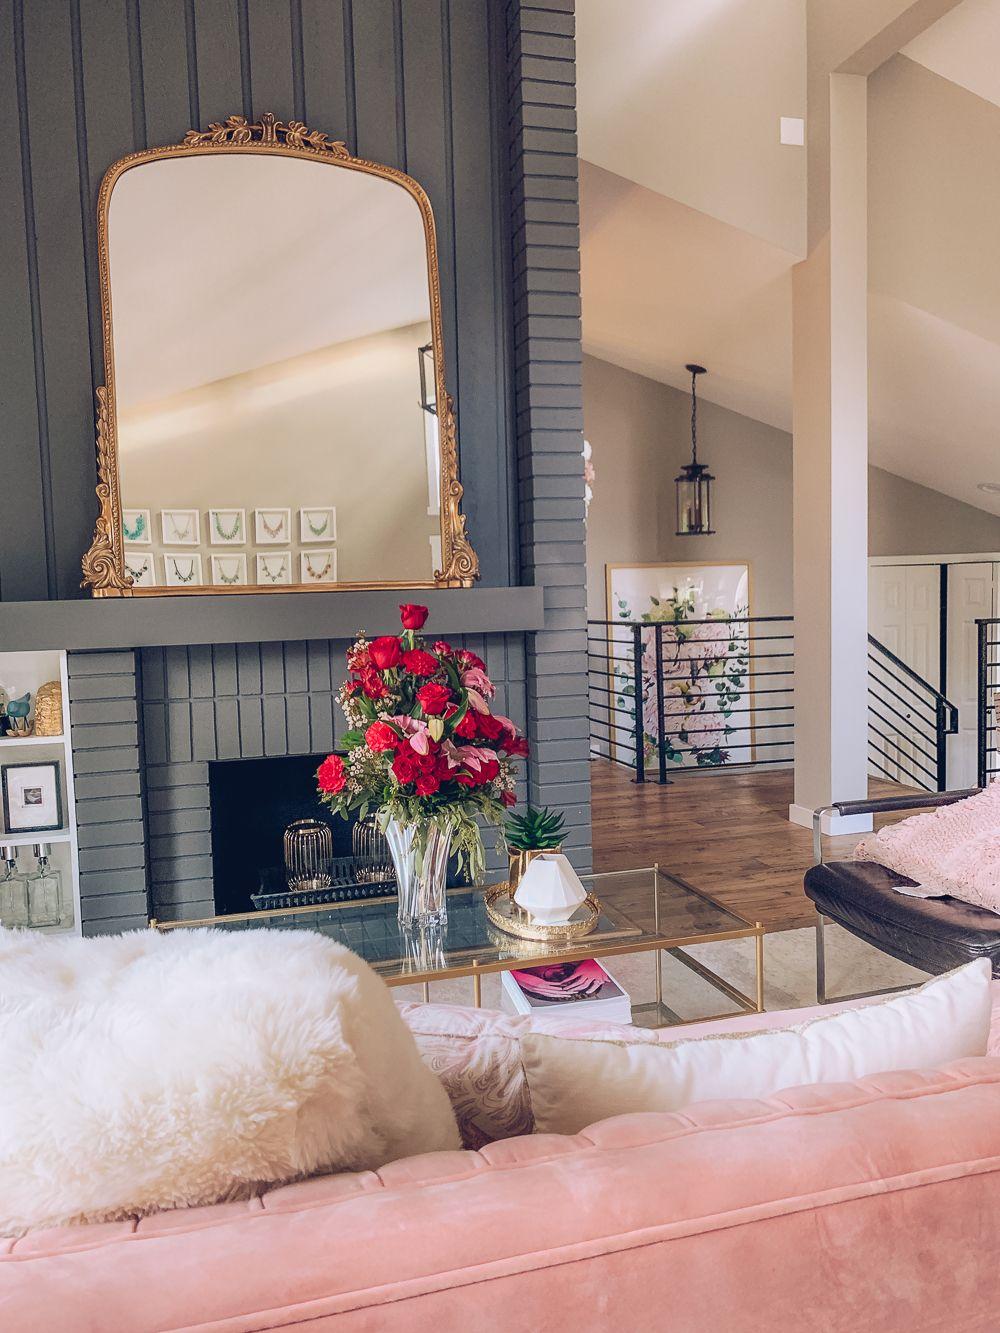 Feminine and modern living room decor inspiration #livingroom #interiors #feminine #homedecor